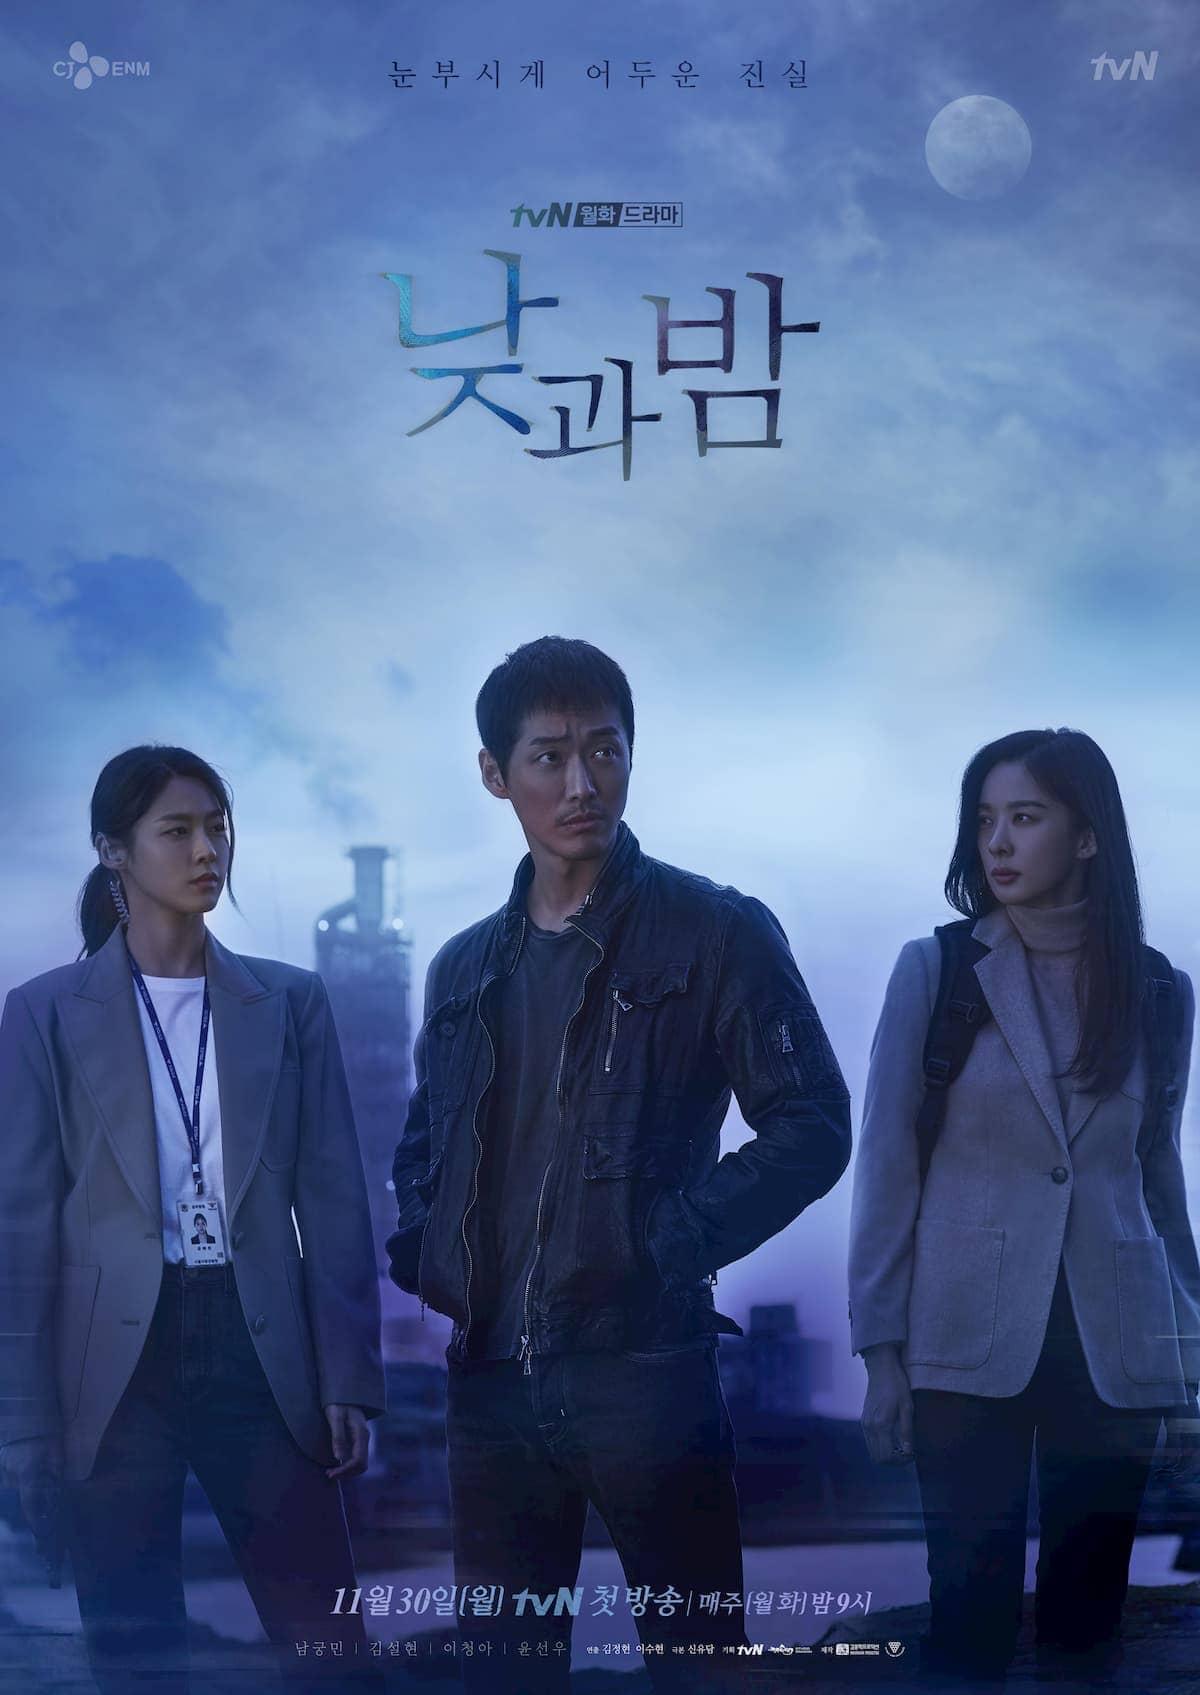 โปสเตอร์ซีรีส์เกาหลี Awaken (2020) 낮과 밤